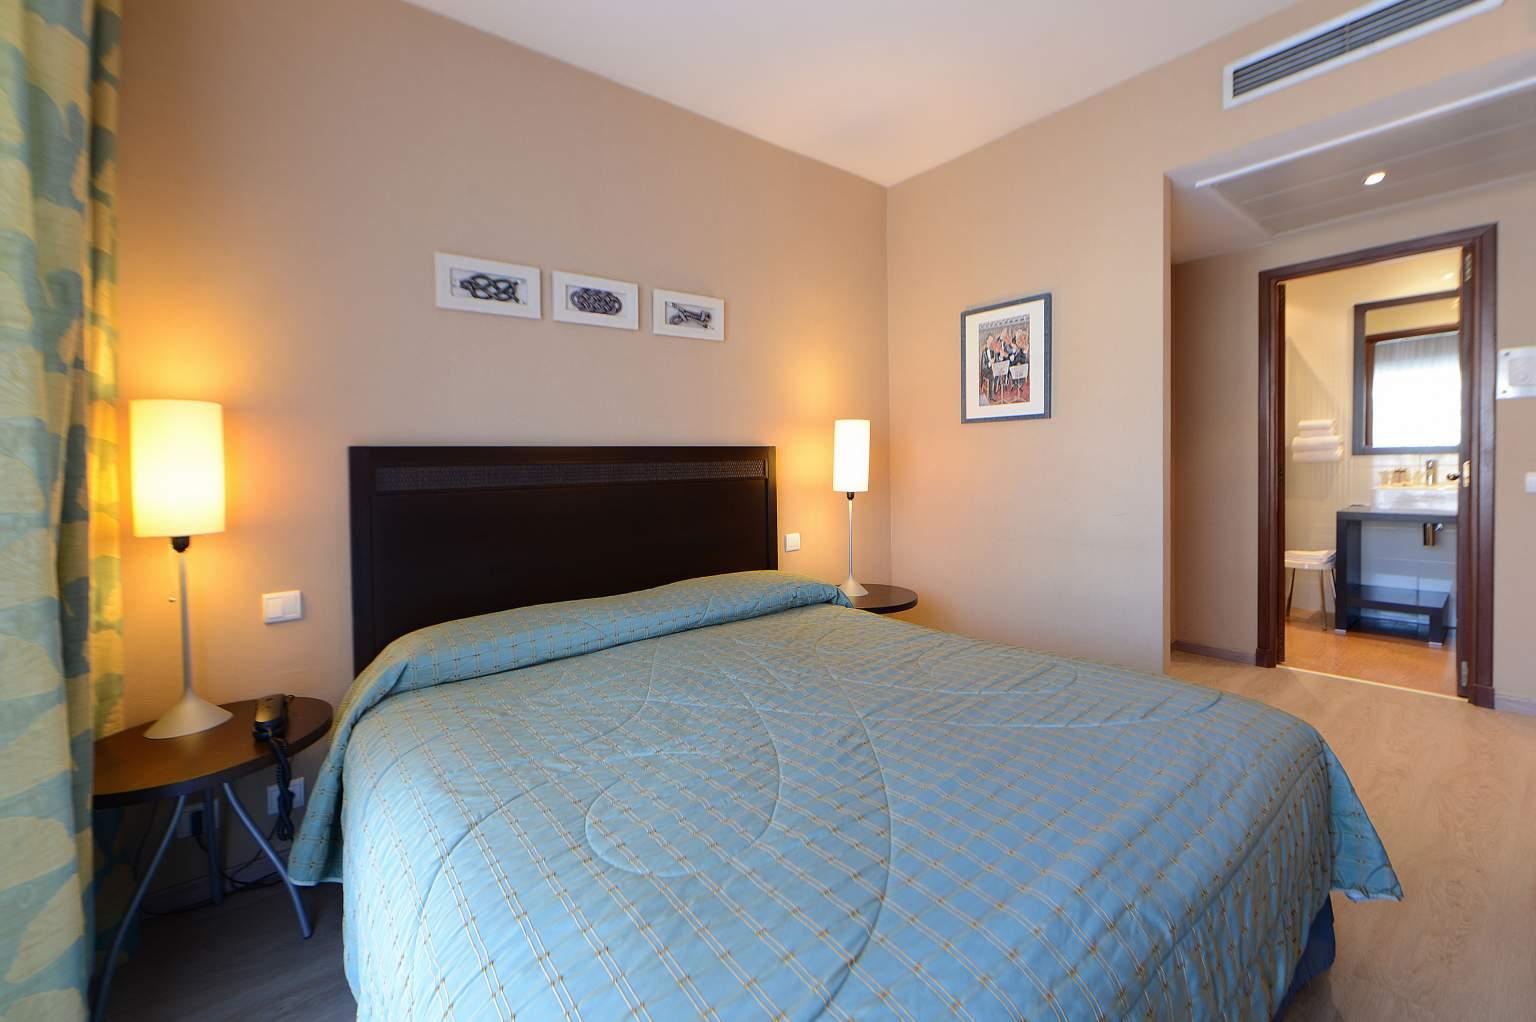 Chambre lit twin à Menton<span>Hôtel</span>Princess & Richmond à Menton